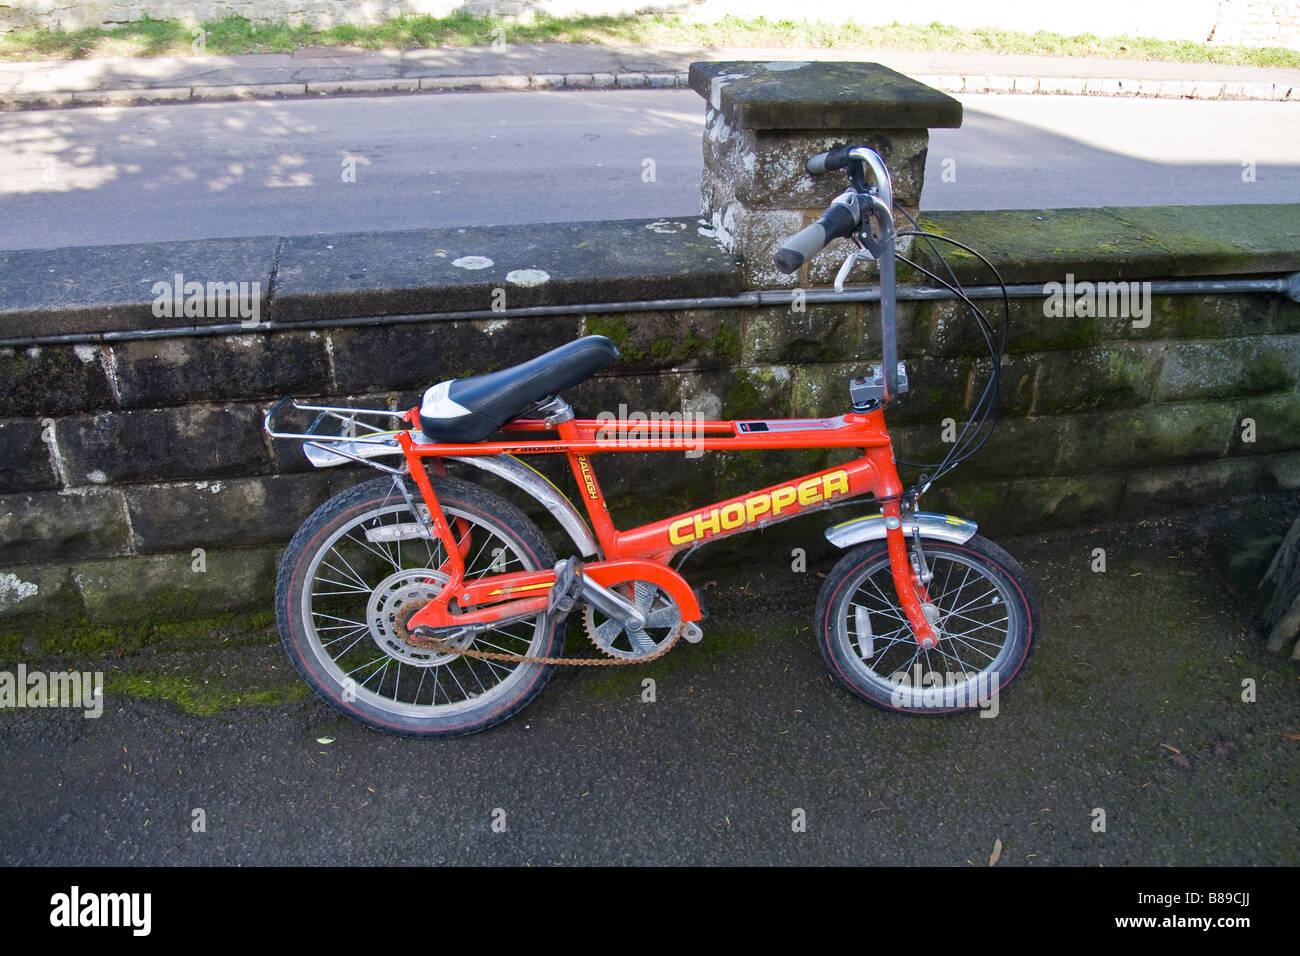 Una riproduzione di un classico bike, fatta da uno dei più grandi inglesi i produttori di biciclette in 80s Immagini Stock